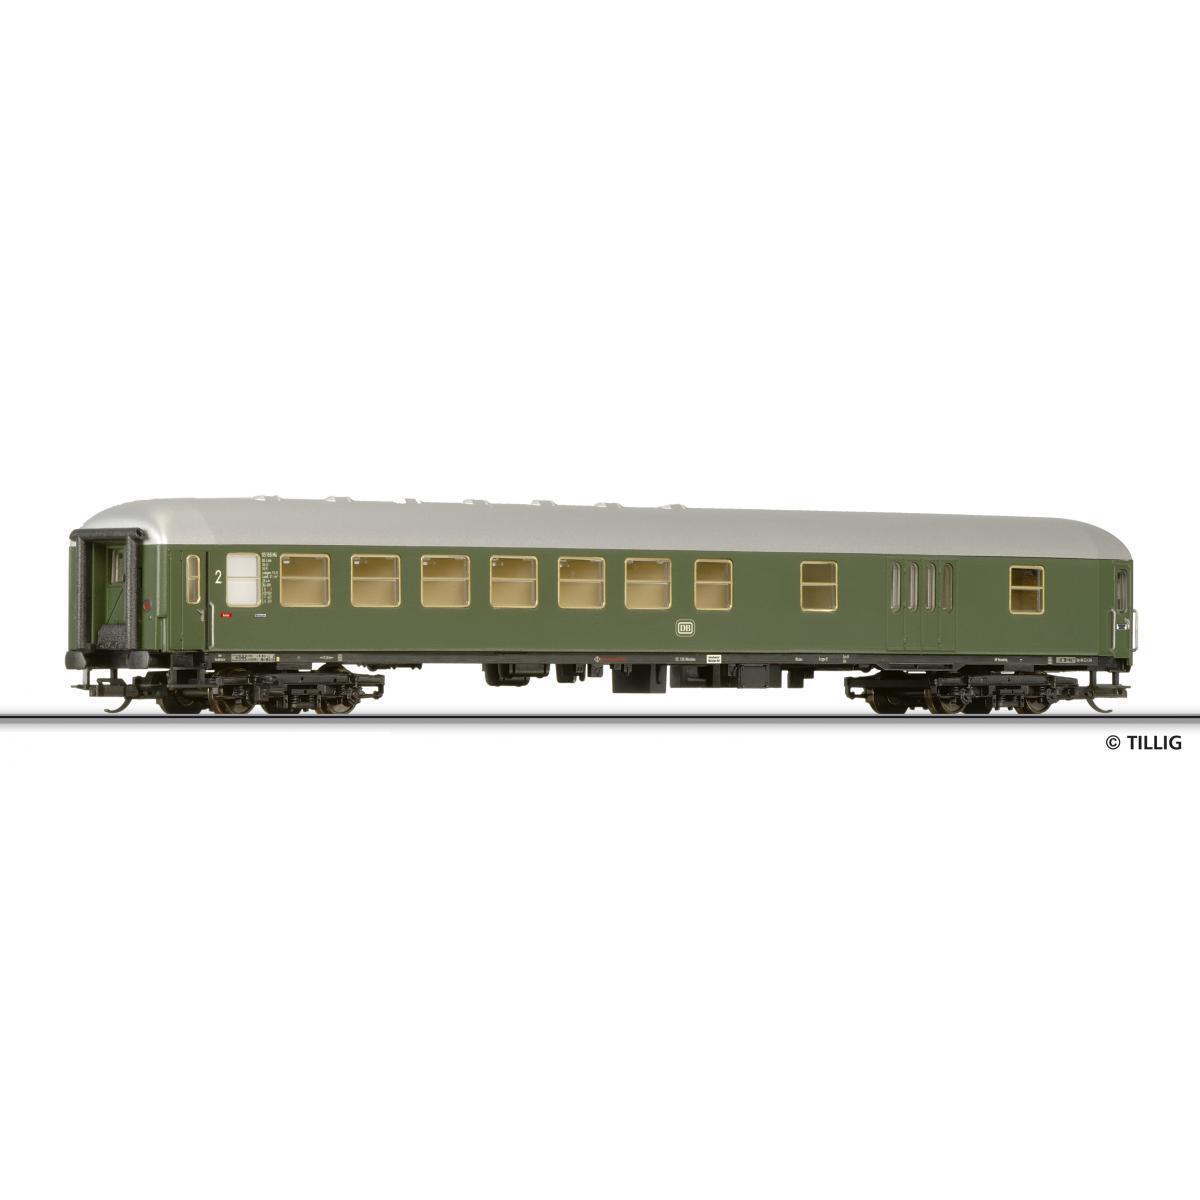 Tillig 13519 TT viaggiatori 2. classe con Borsaagli compartimento EP III Nuovo OVP -